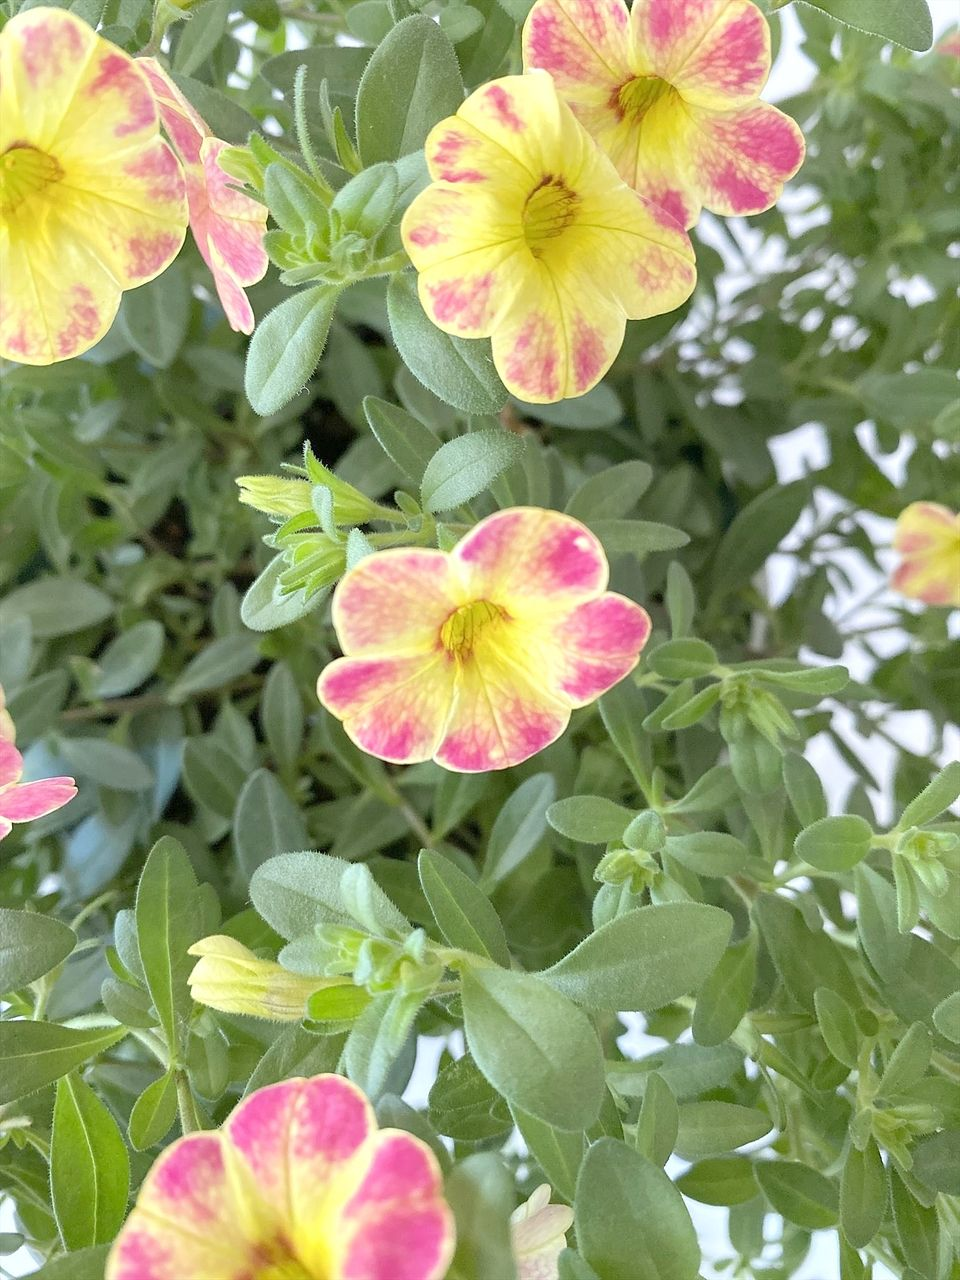 ペチュニアに似たお花です